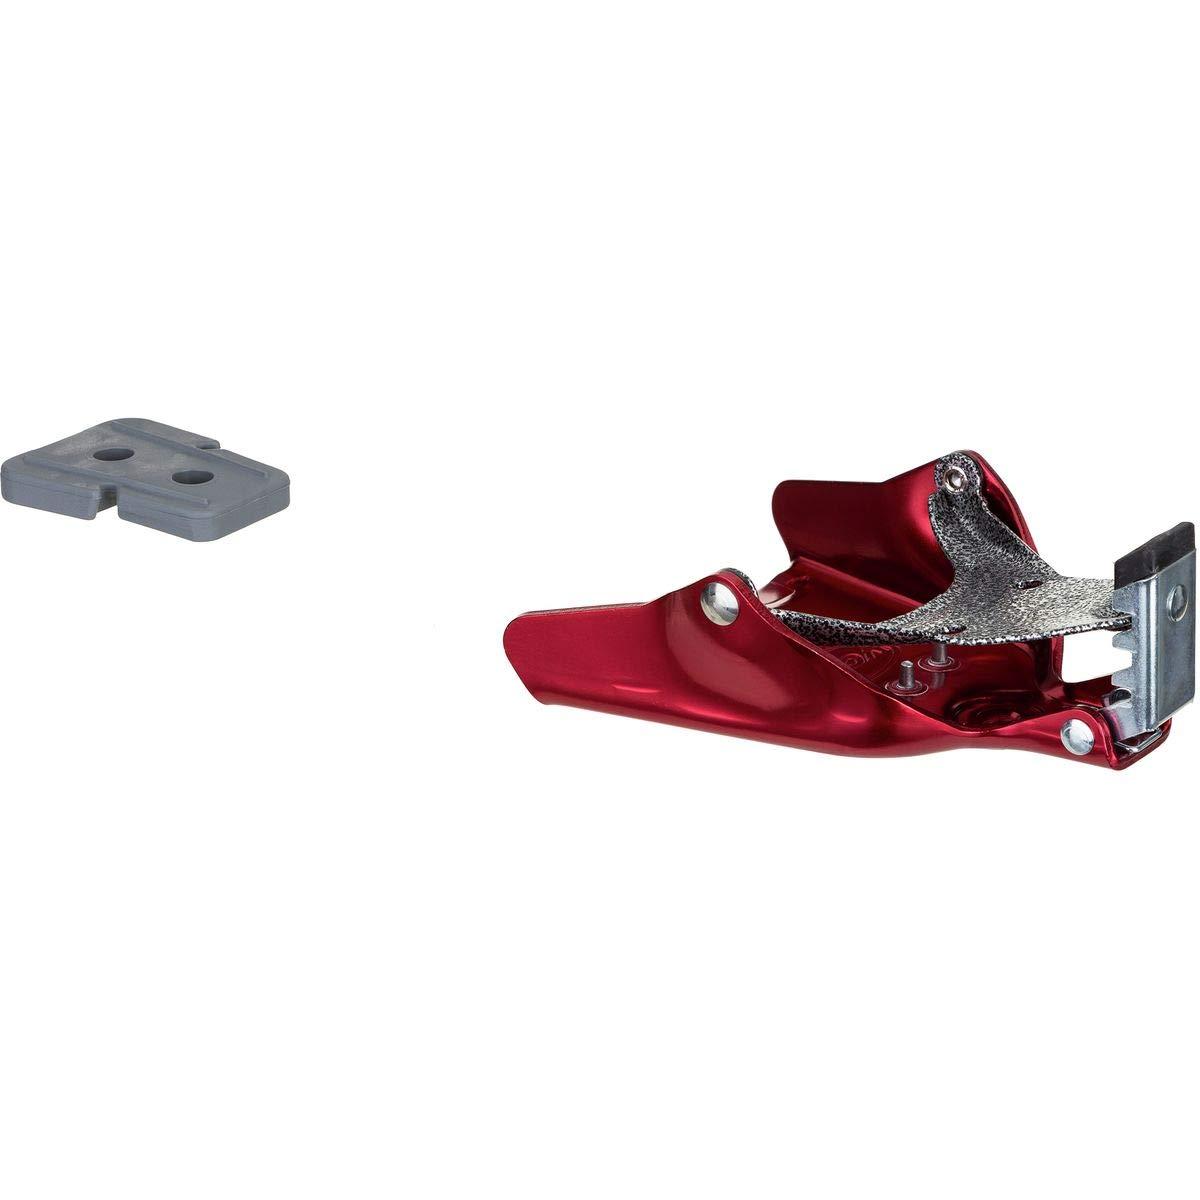 Voile(ボレー) HDマウンテニアリング 3ピン 202HD